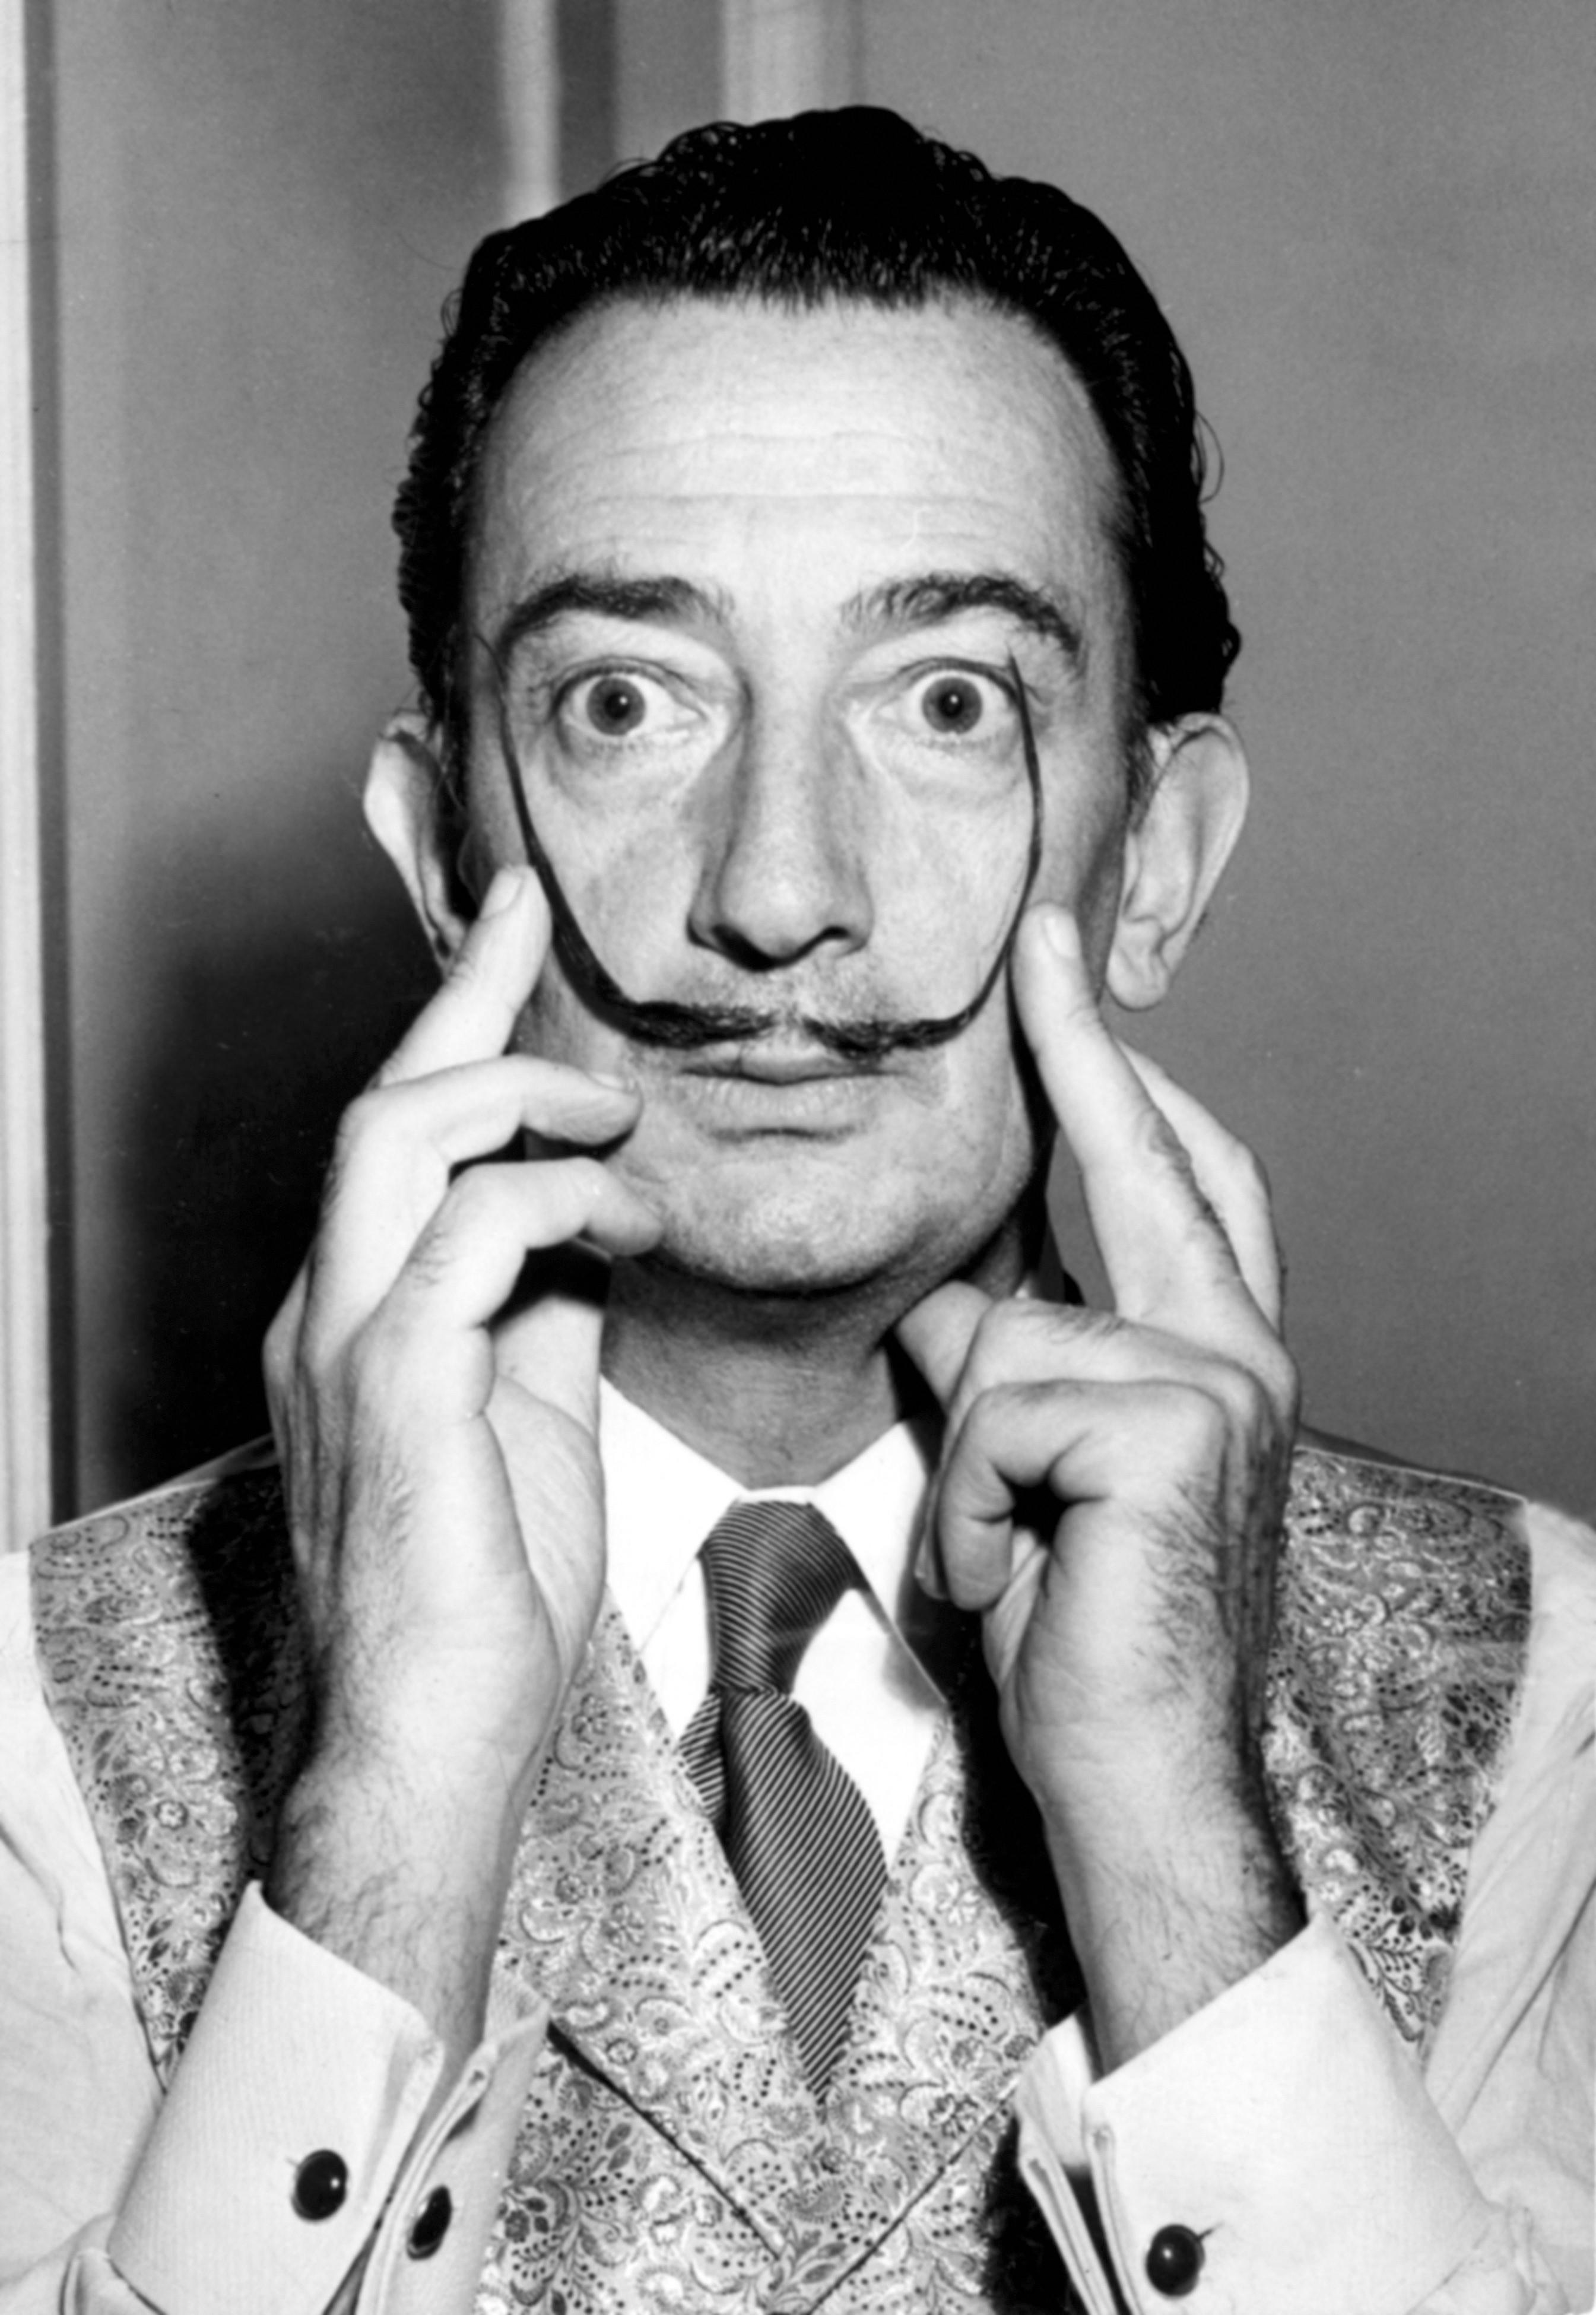 Escultor, pintor y arquitecto español, Salvador Dalí